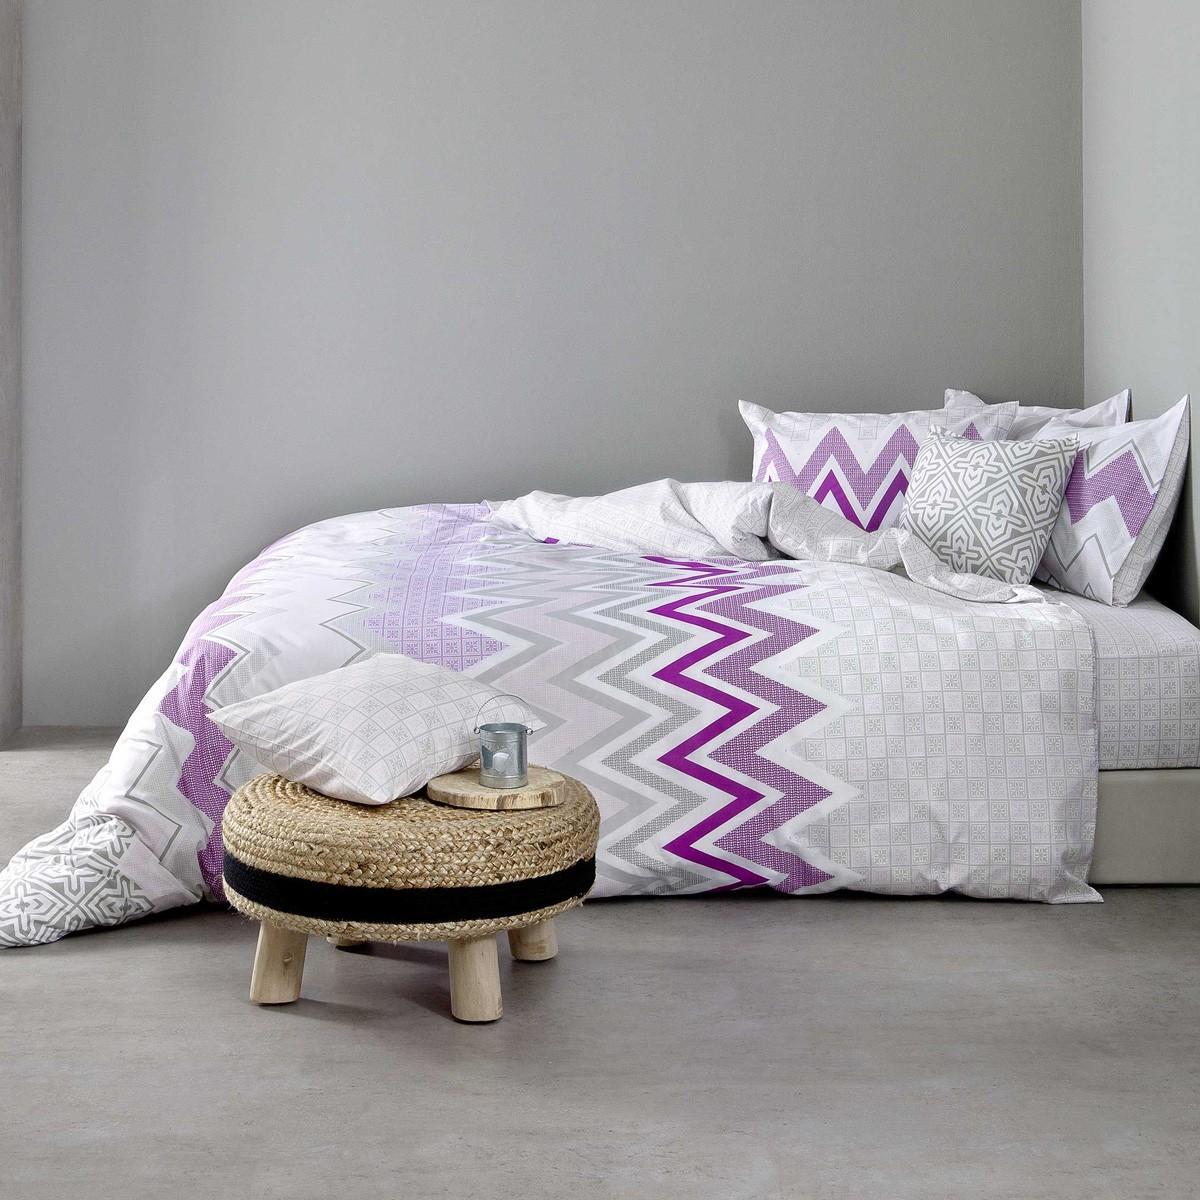 Παπλωματοθήκη Υπέρδιπλη (Σετ) Nima Bed Linen Pozitano Lilac